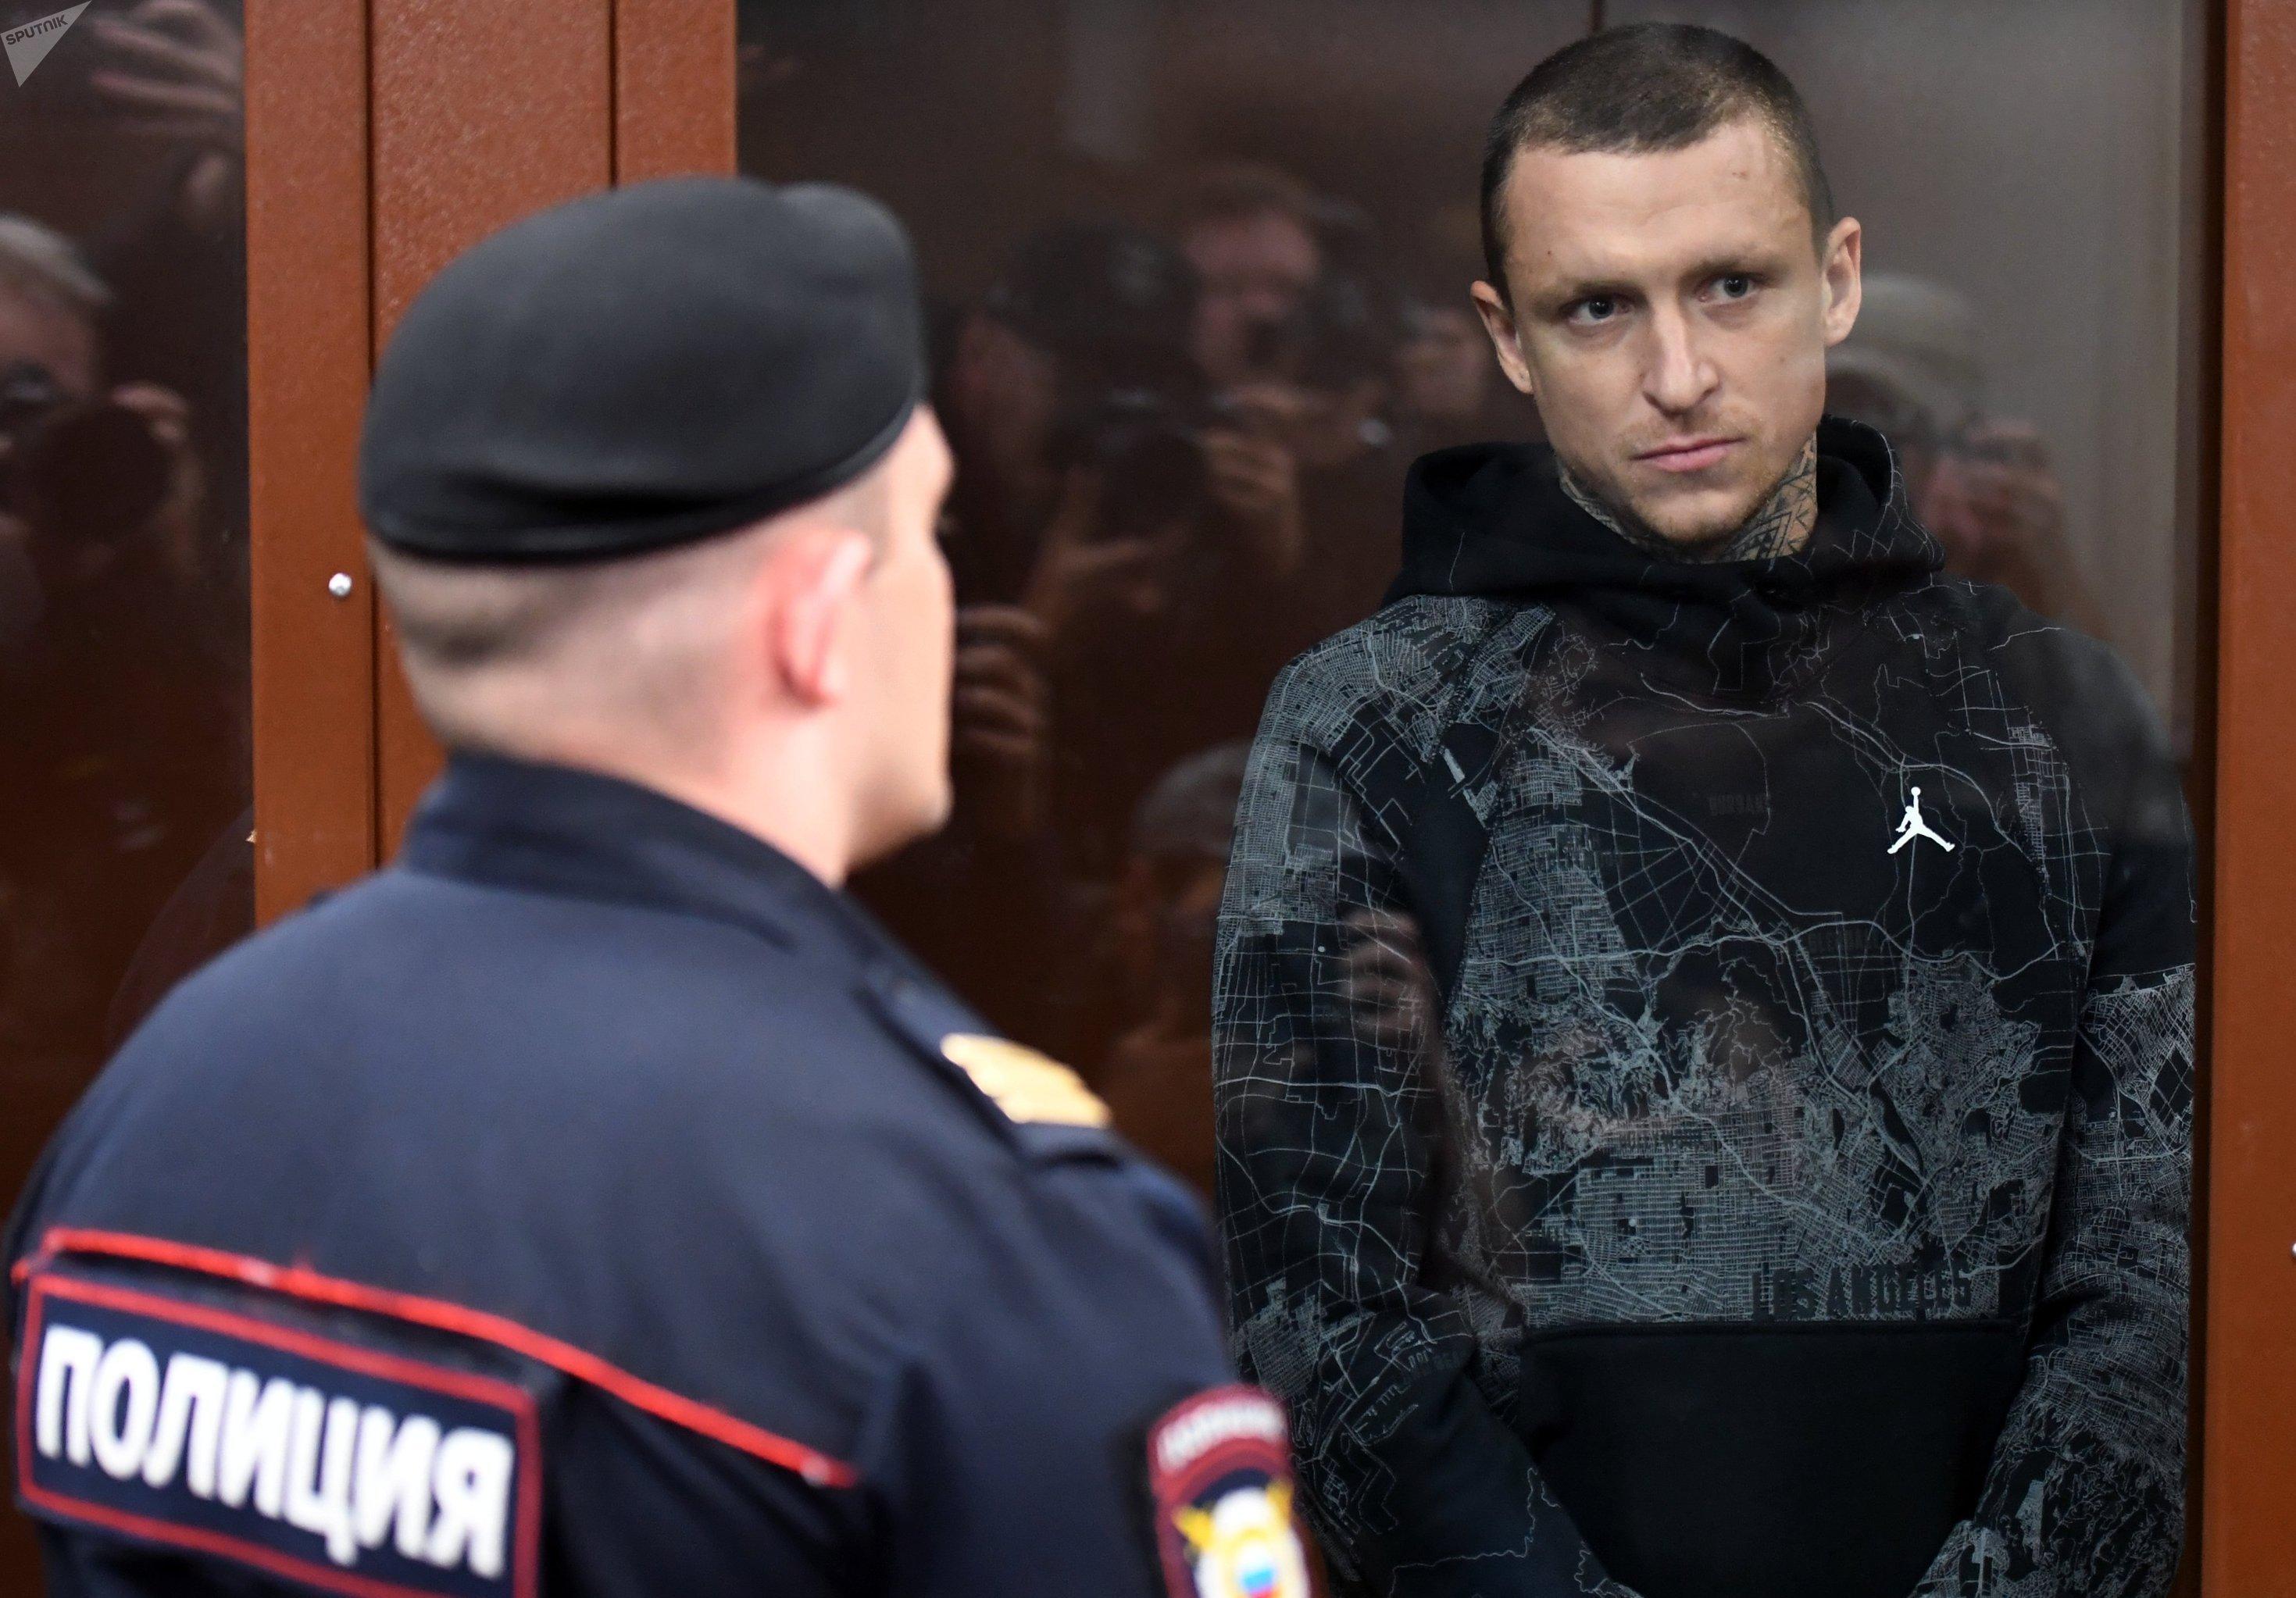 Футболист Павел Мамаев, обвиняемый в хулиганстве, на заседании Тверского районного суда Москвы